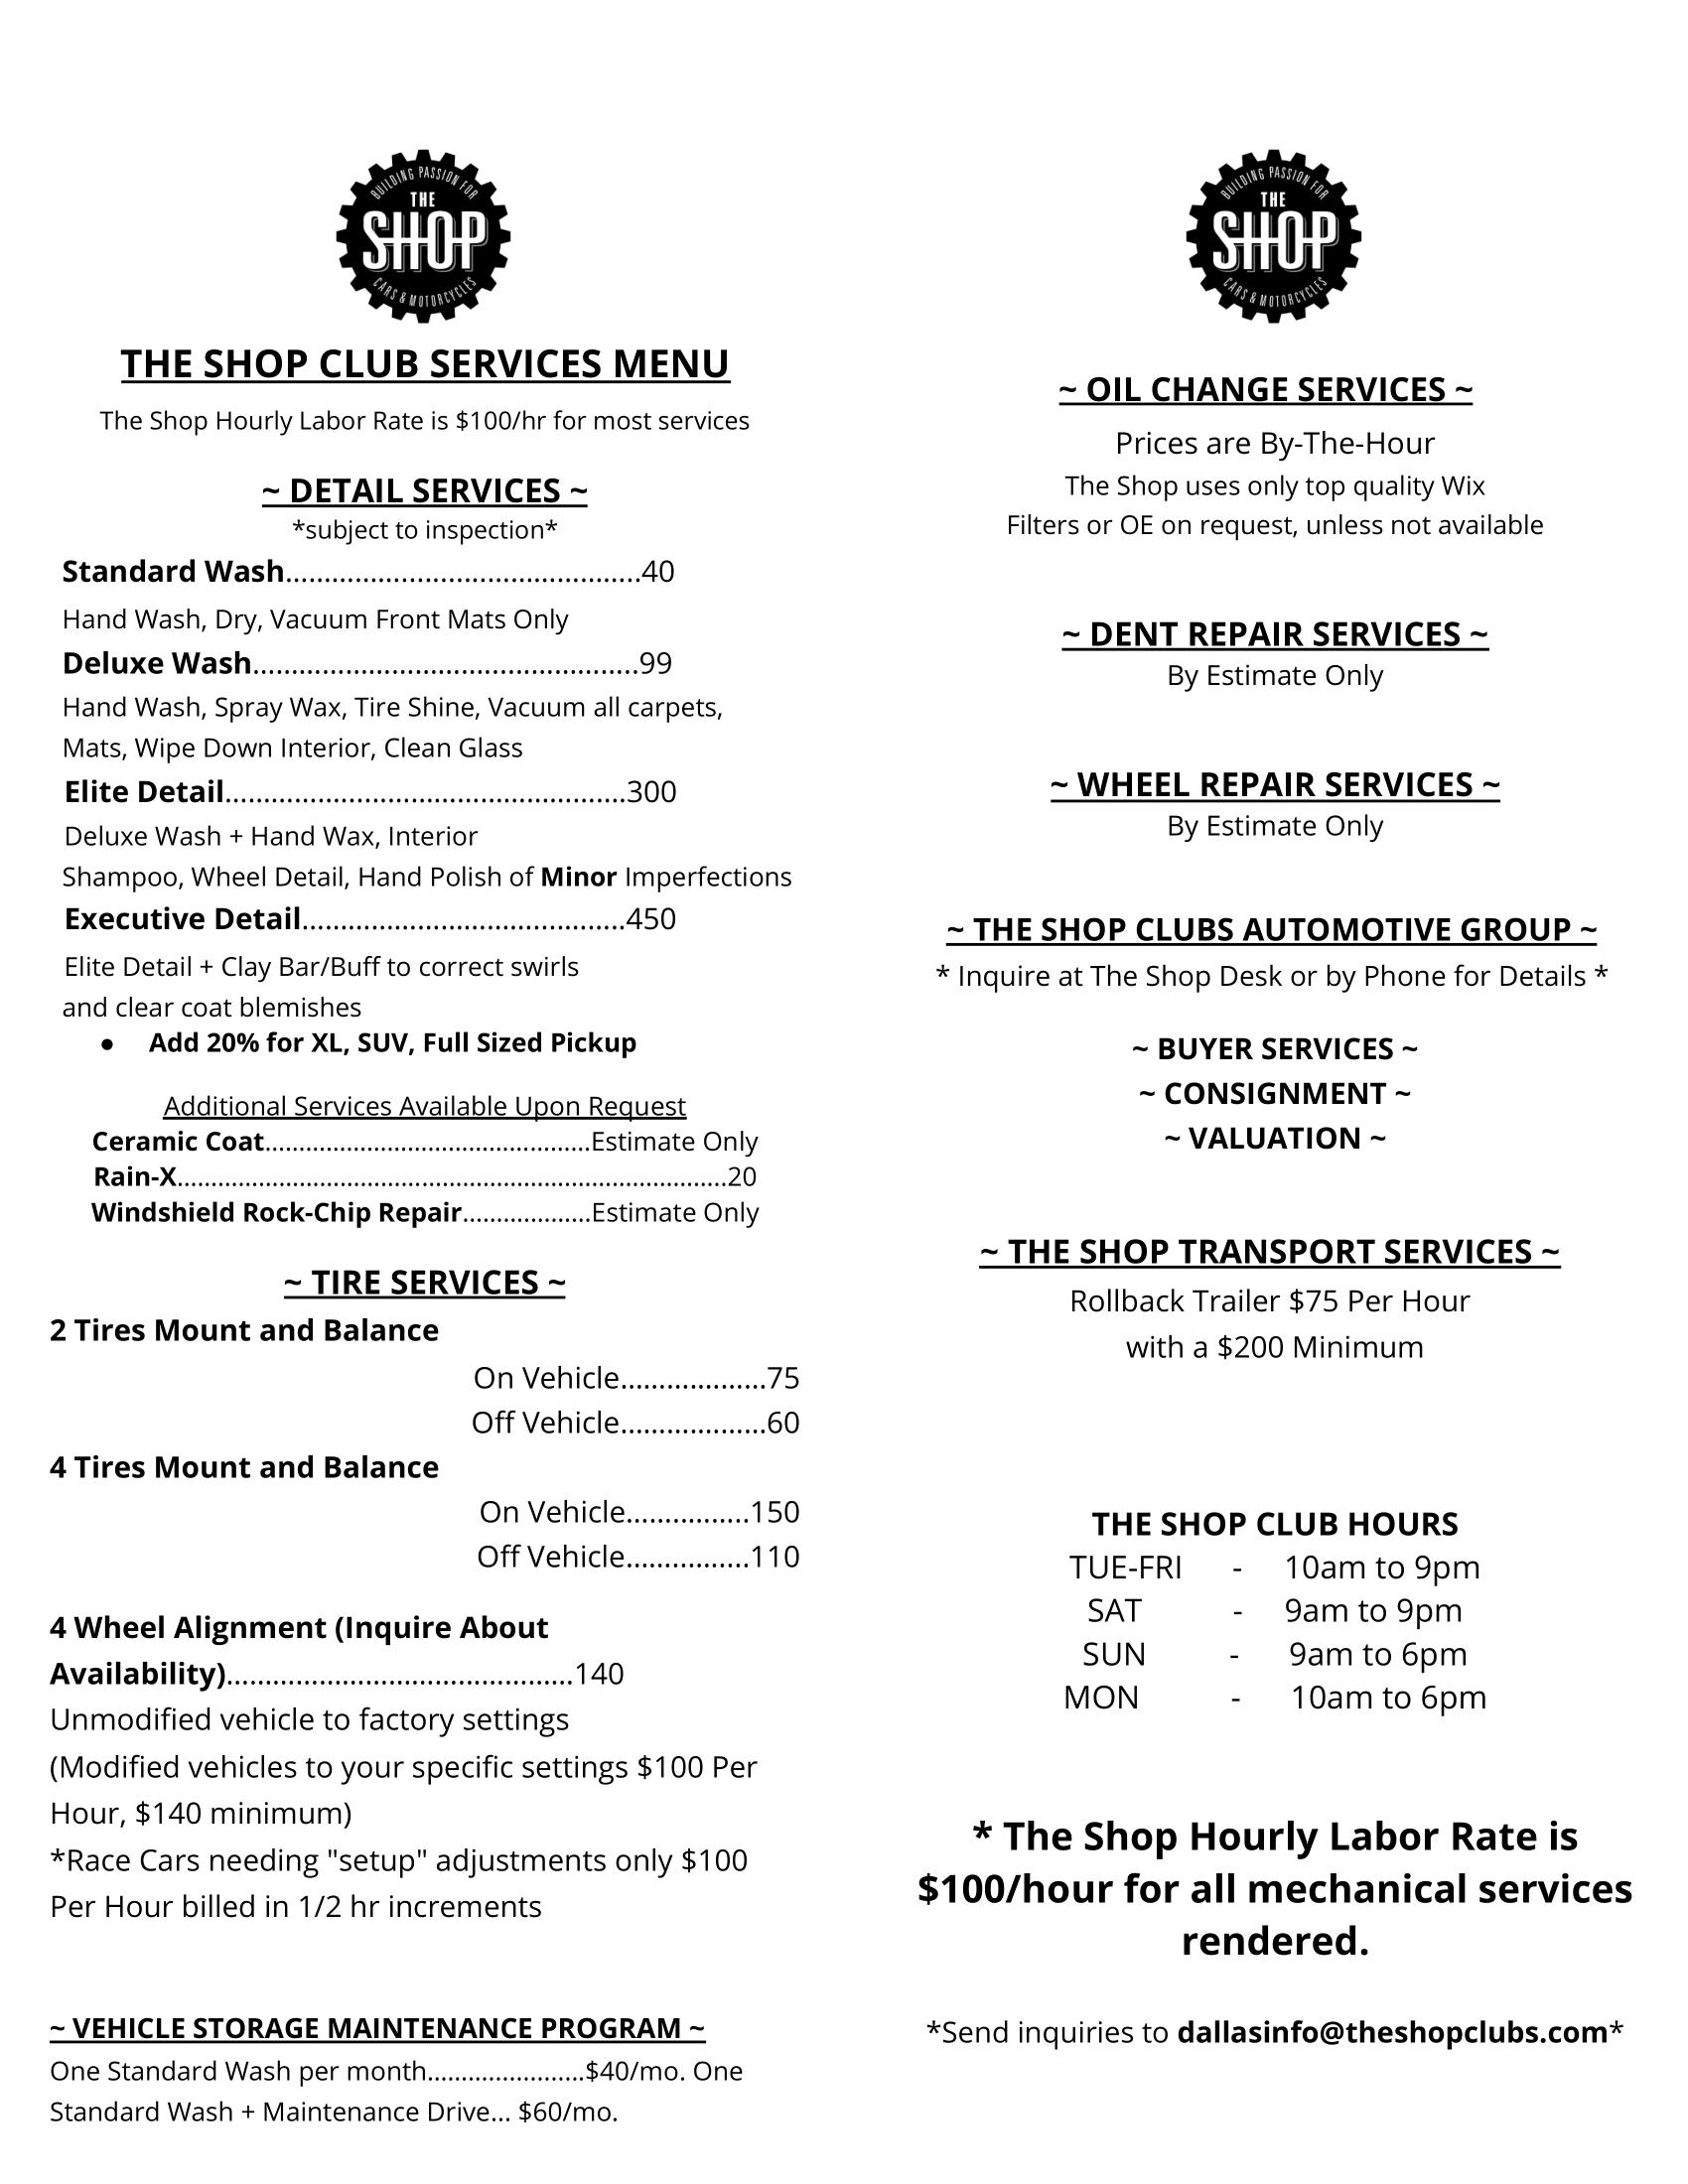 THE SHOP CLUB DALLAS SERVICES MENU BROCHURE-1